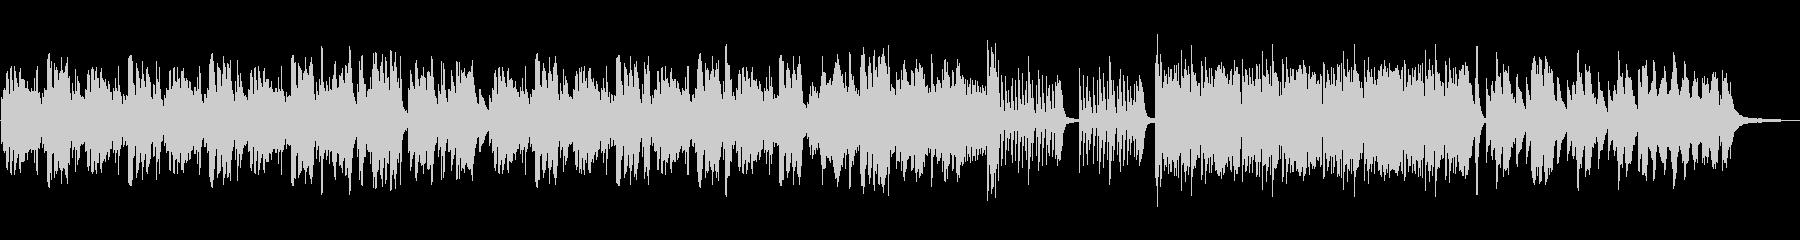 悲しい切ないピアノソロの未再生の波形